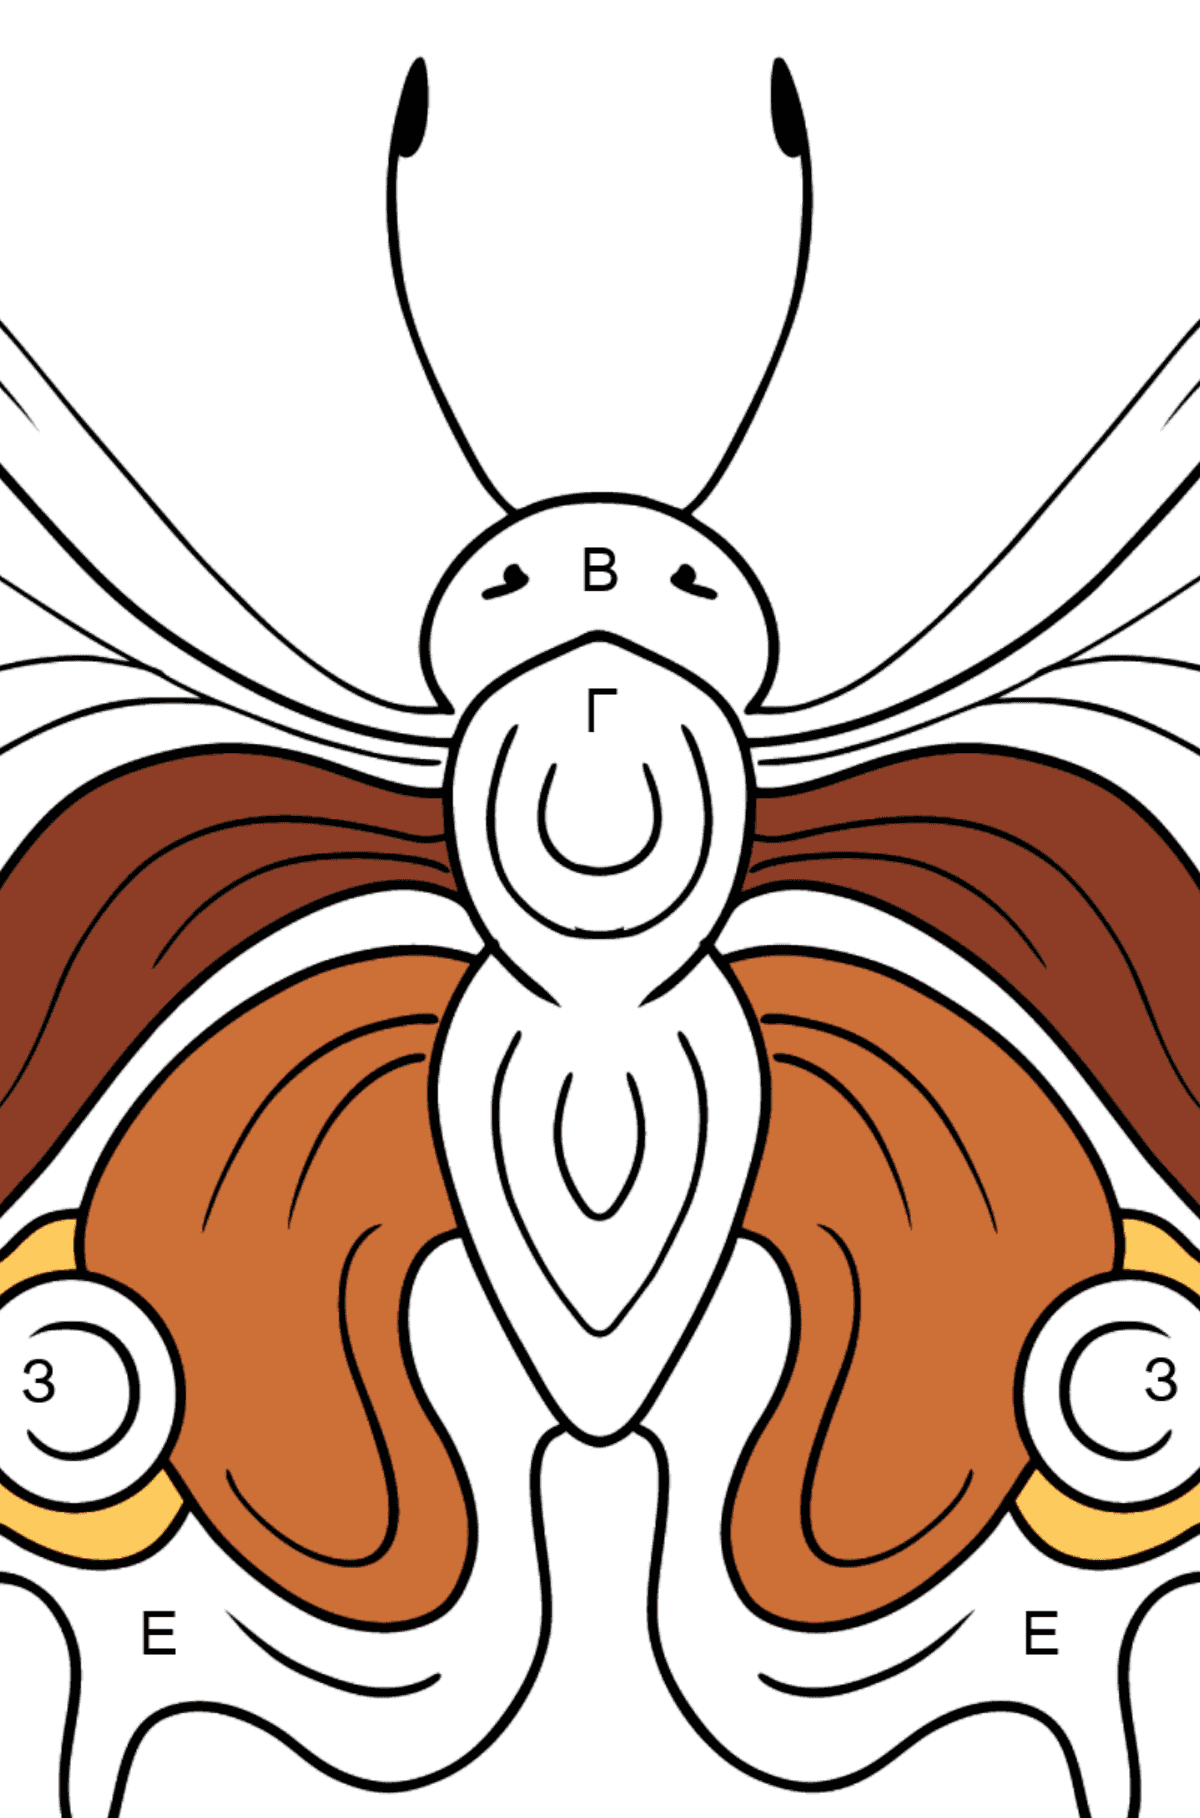 Раскраска бабочка павлиний глаз - Раскраска по Буквам для Детей